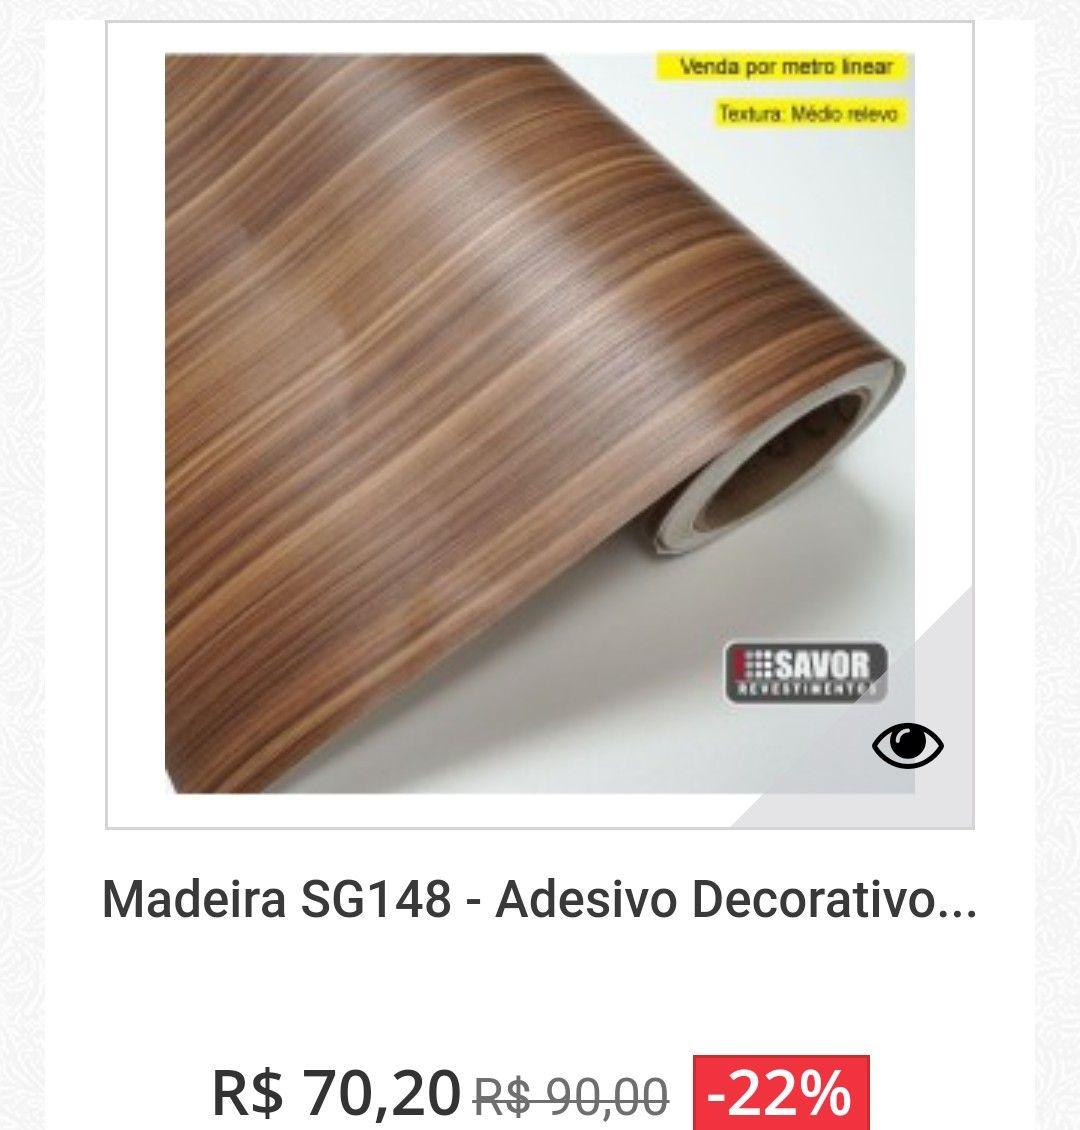 Adesivo Imitando Madeira Adesivos Decorativos Adesivo De Parede